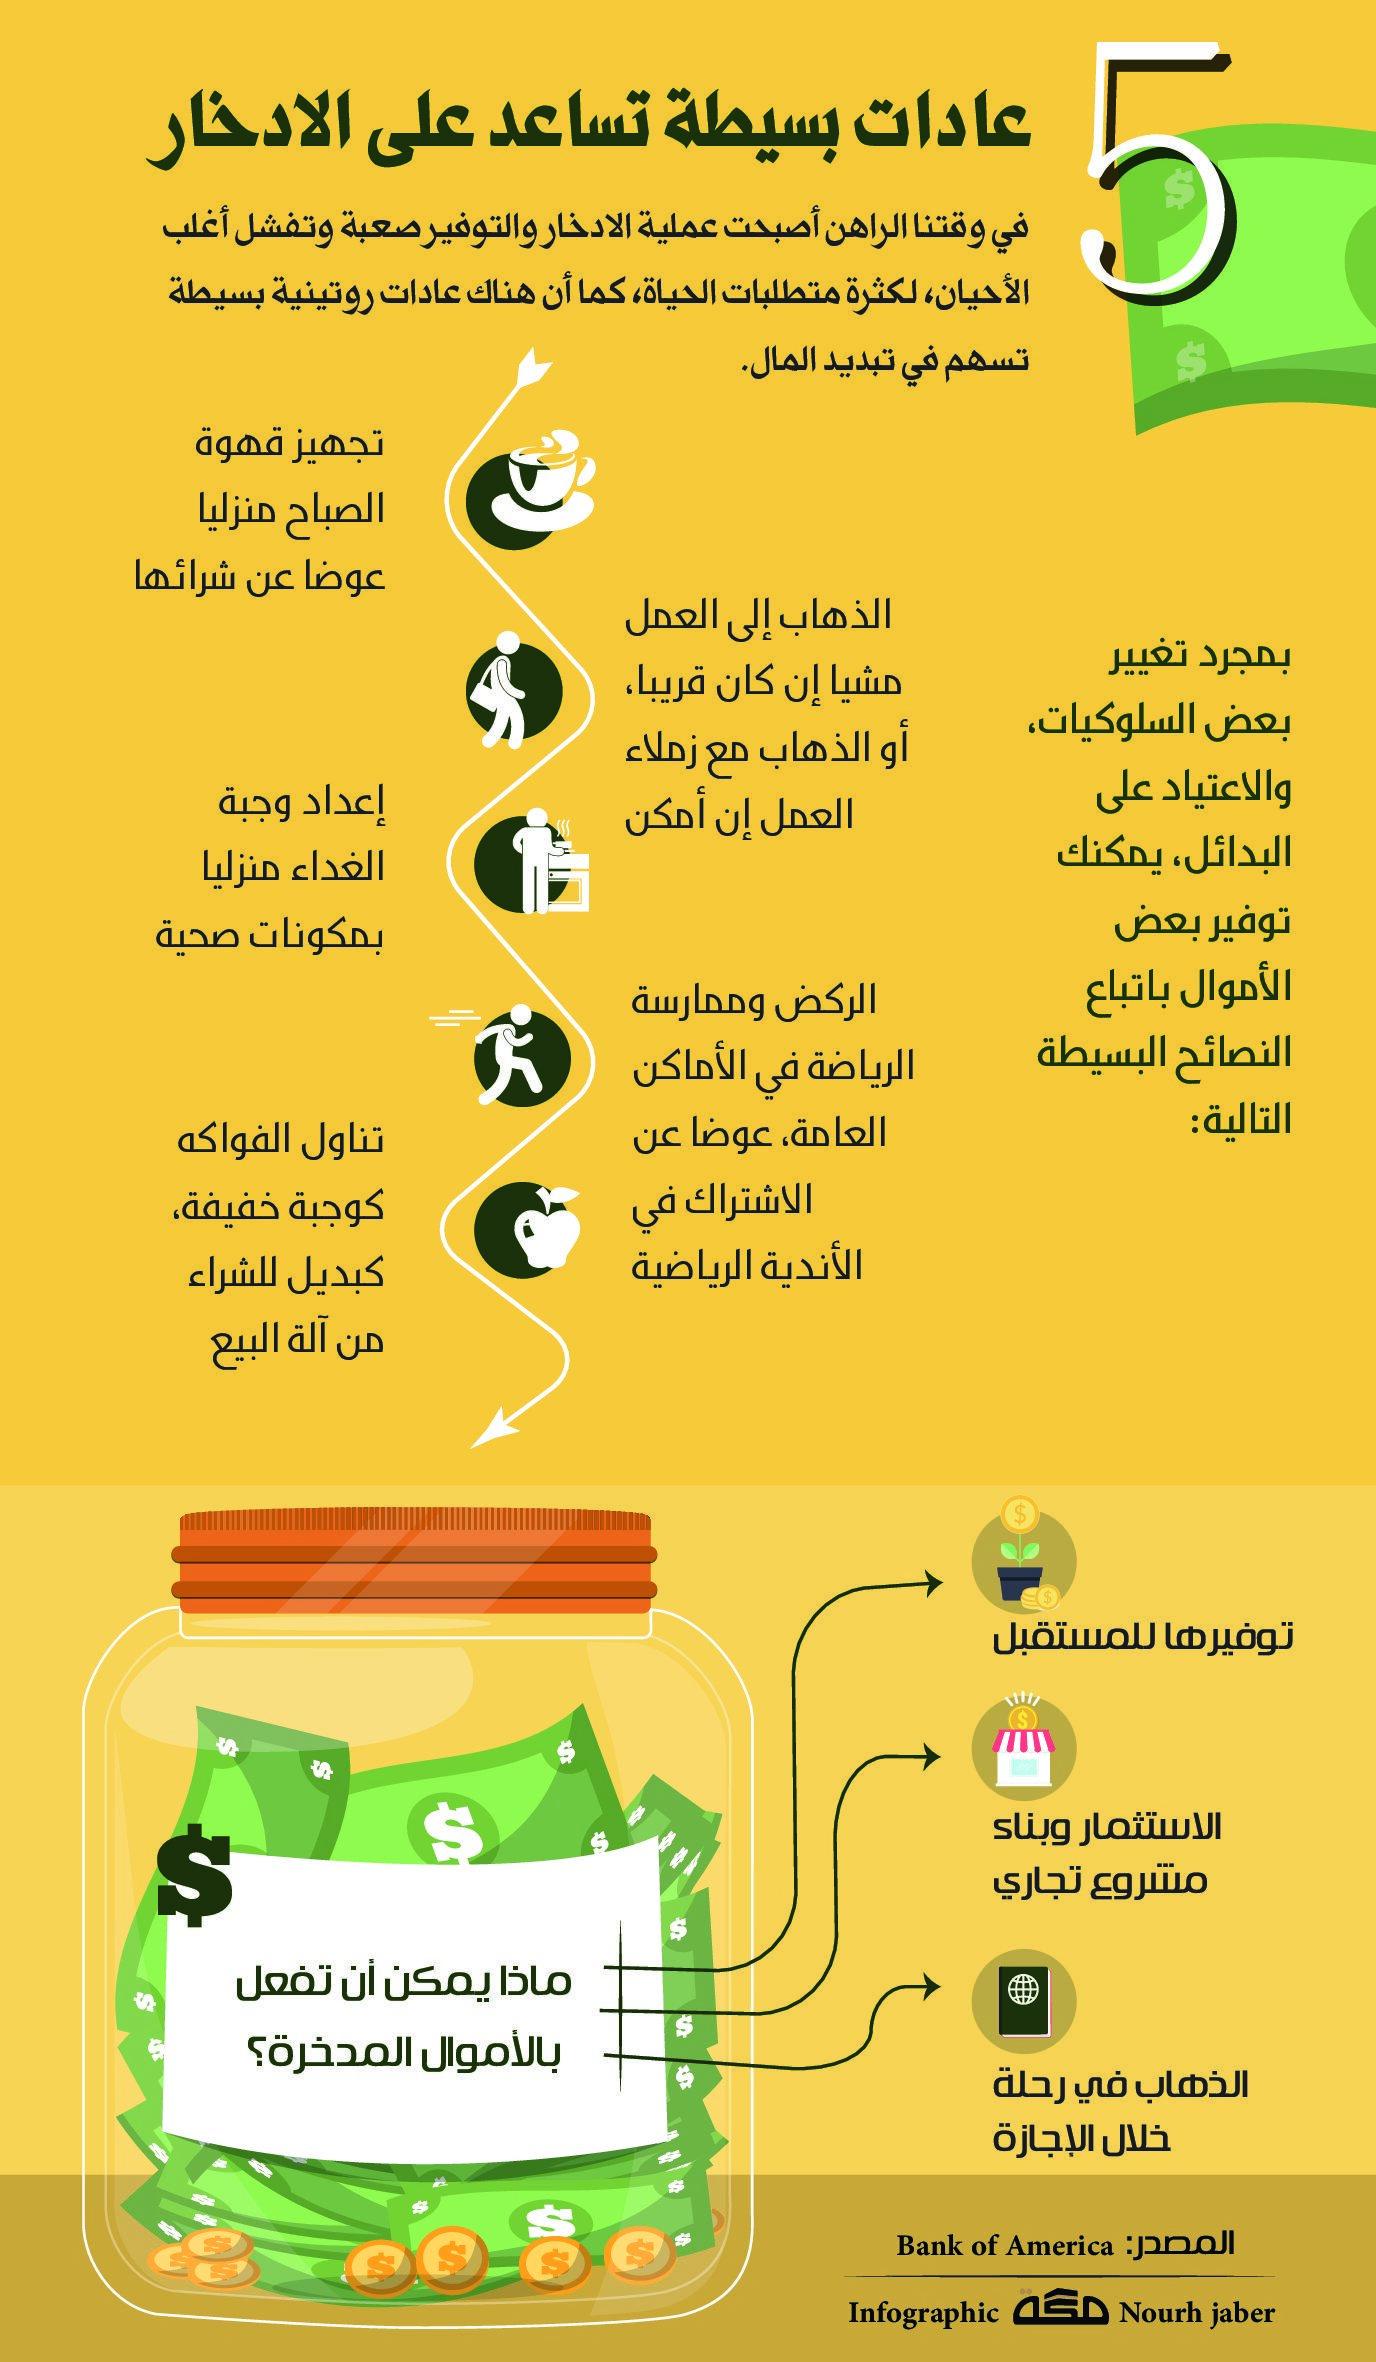 5 عادات بسيطة تساعد على الادخار صحيفة مكة انفوجرافيك تطويرالذات Infographic